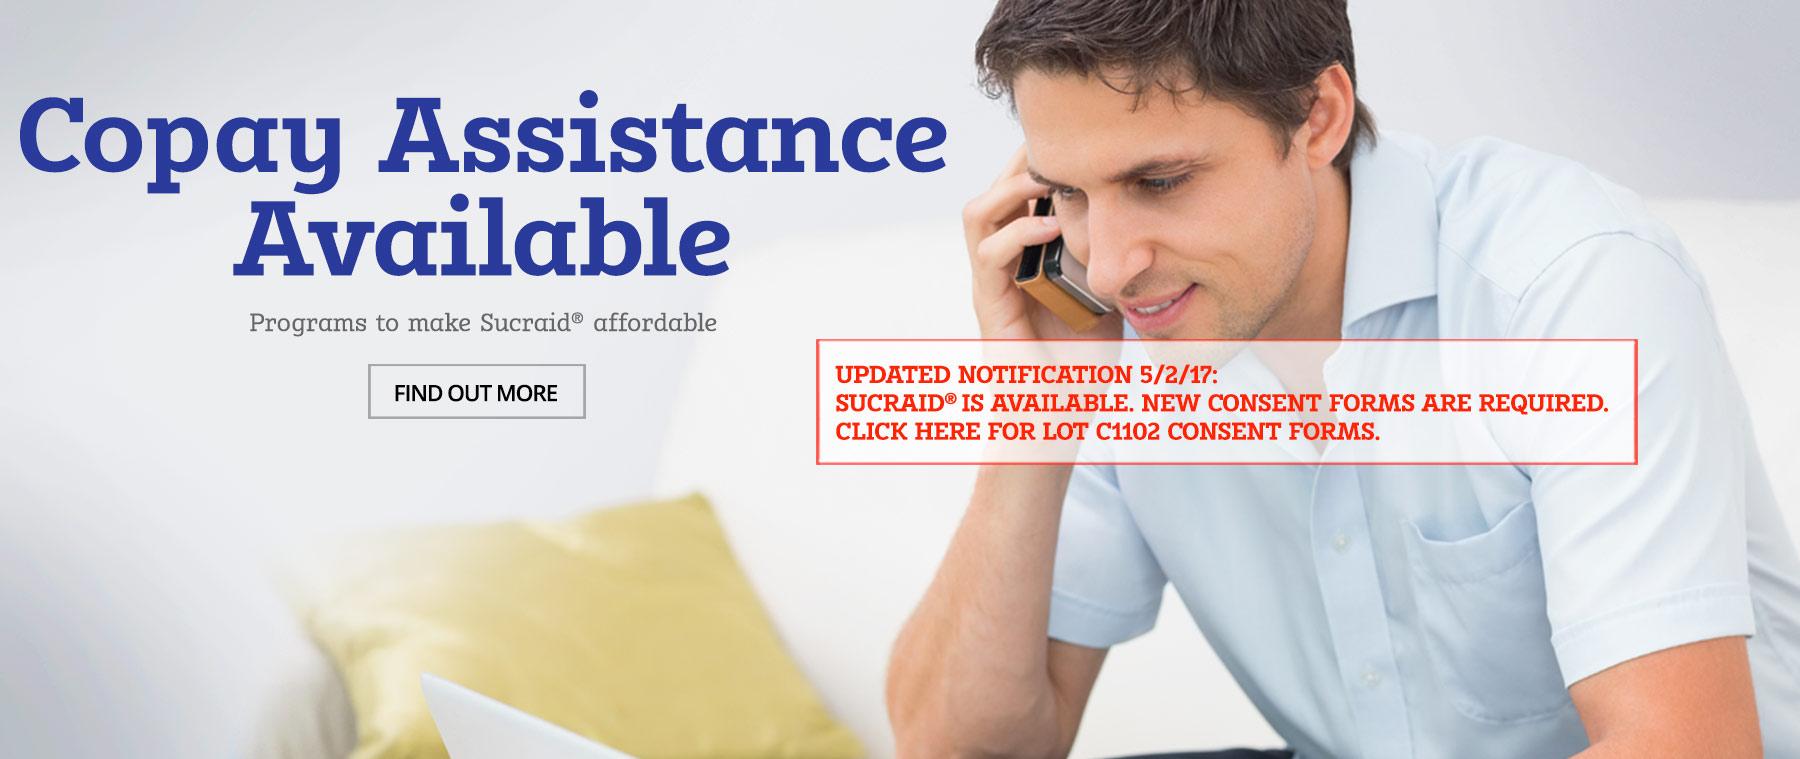 Copay Assistance